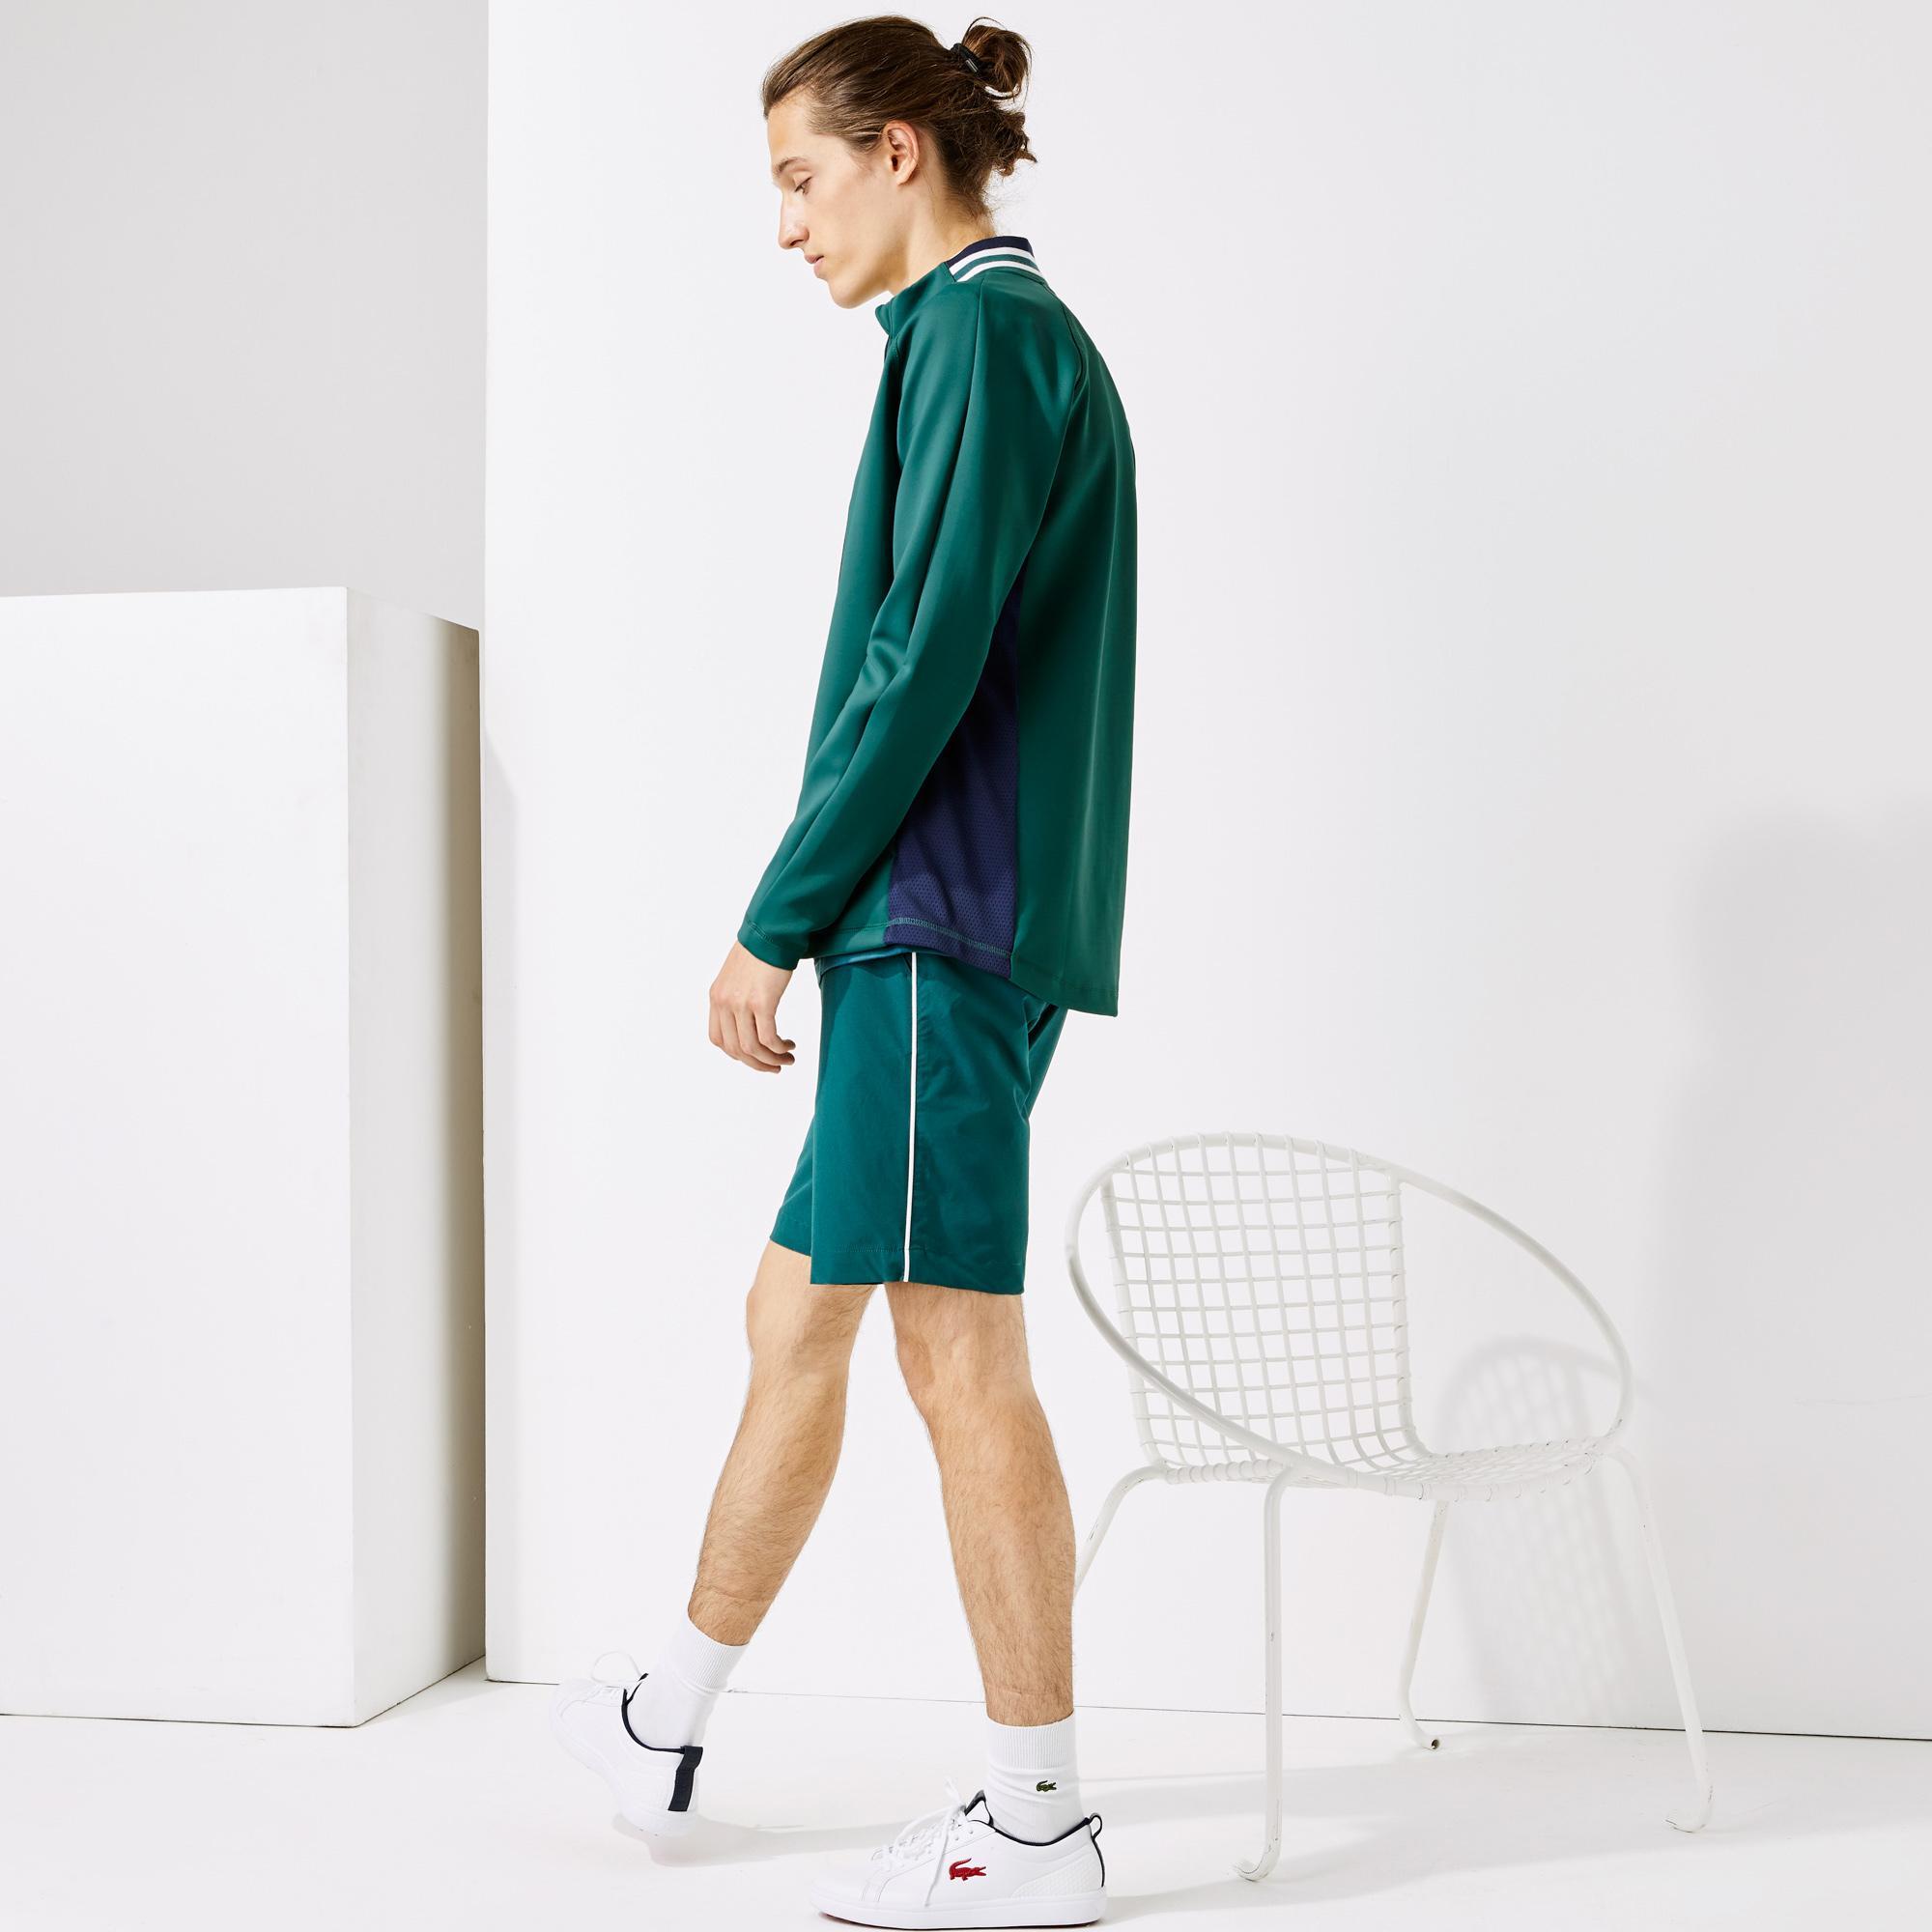 Lacoste Sport Erkek Fermuarlı Yeşil Sweatshirt